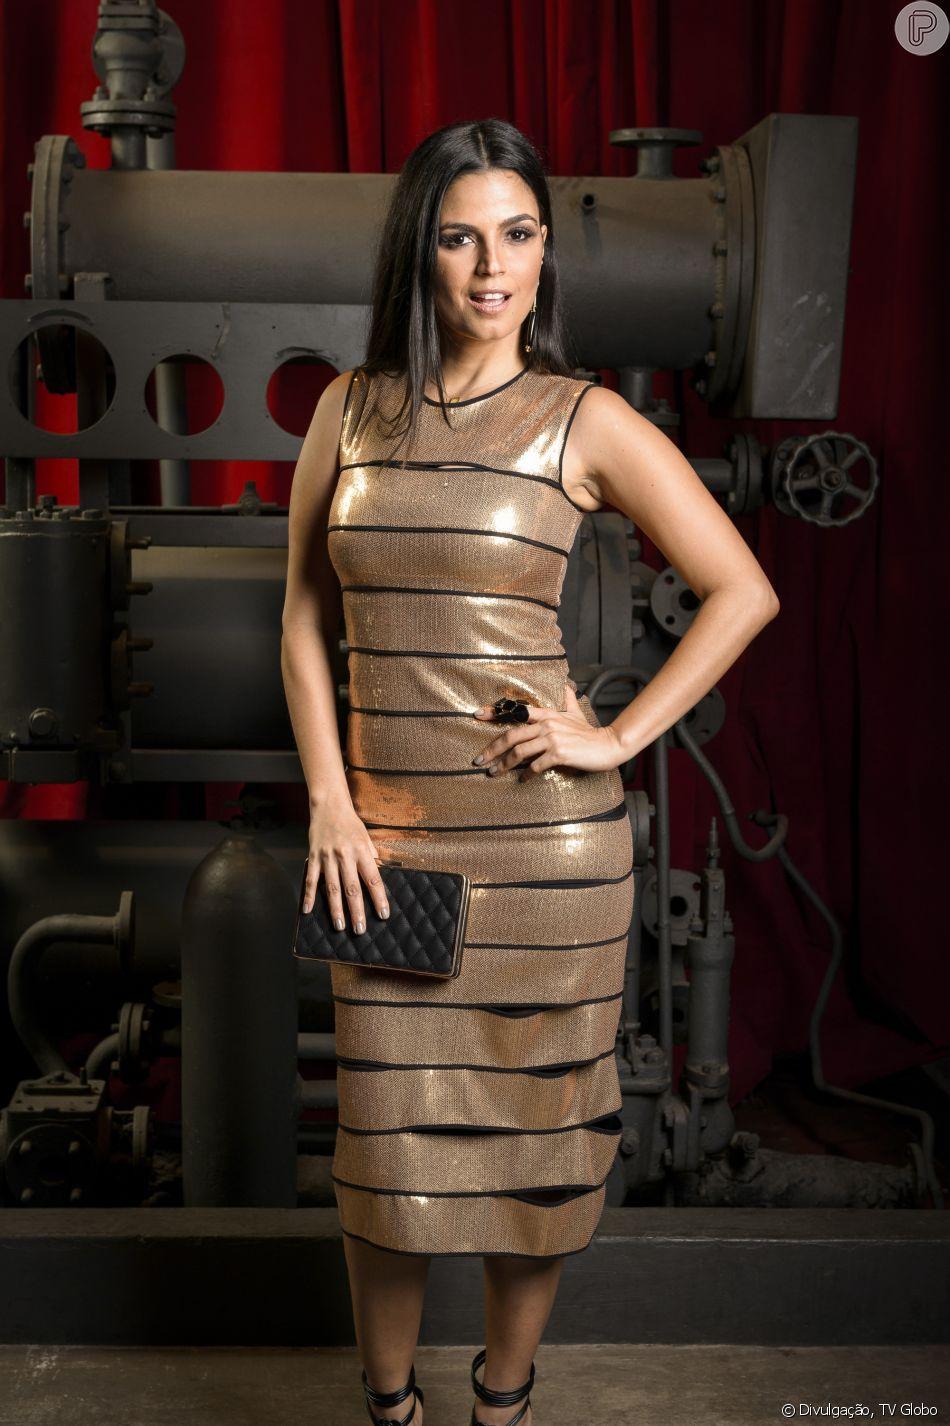 Emanuelle Araujo se prepara para estrelar novela na Globo e lançar segunda temporada da série 'Samantha' na NetFlix